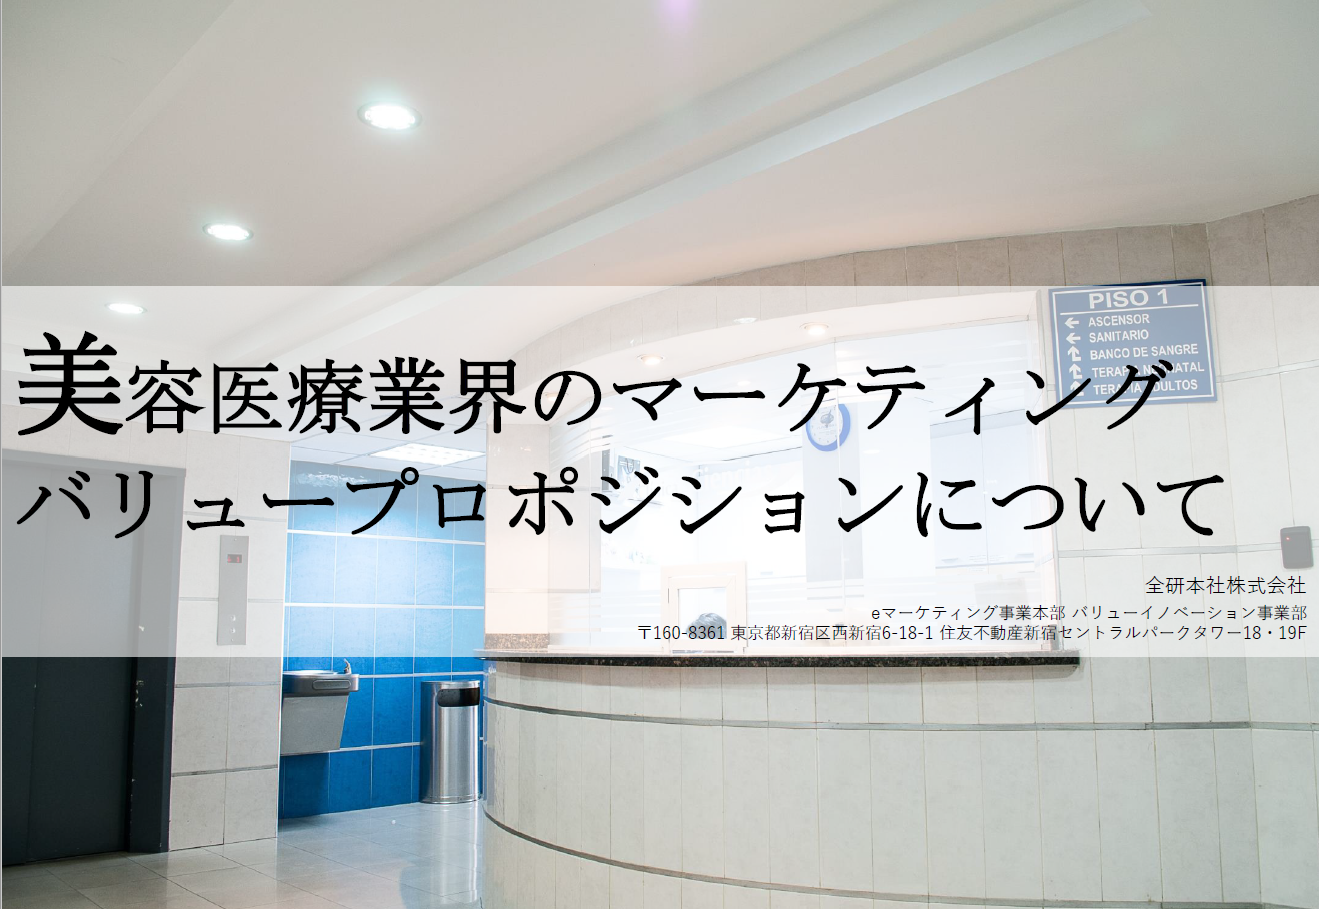 【美容医療業界】バリュープロポジションを起点としたマーケティング戦略